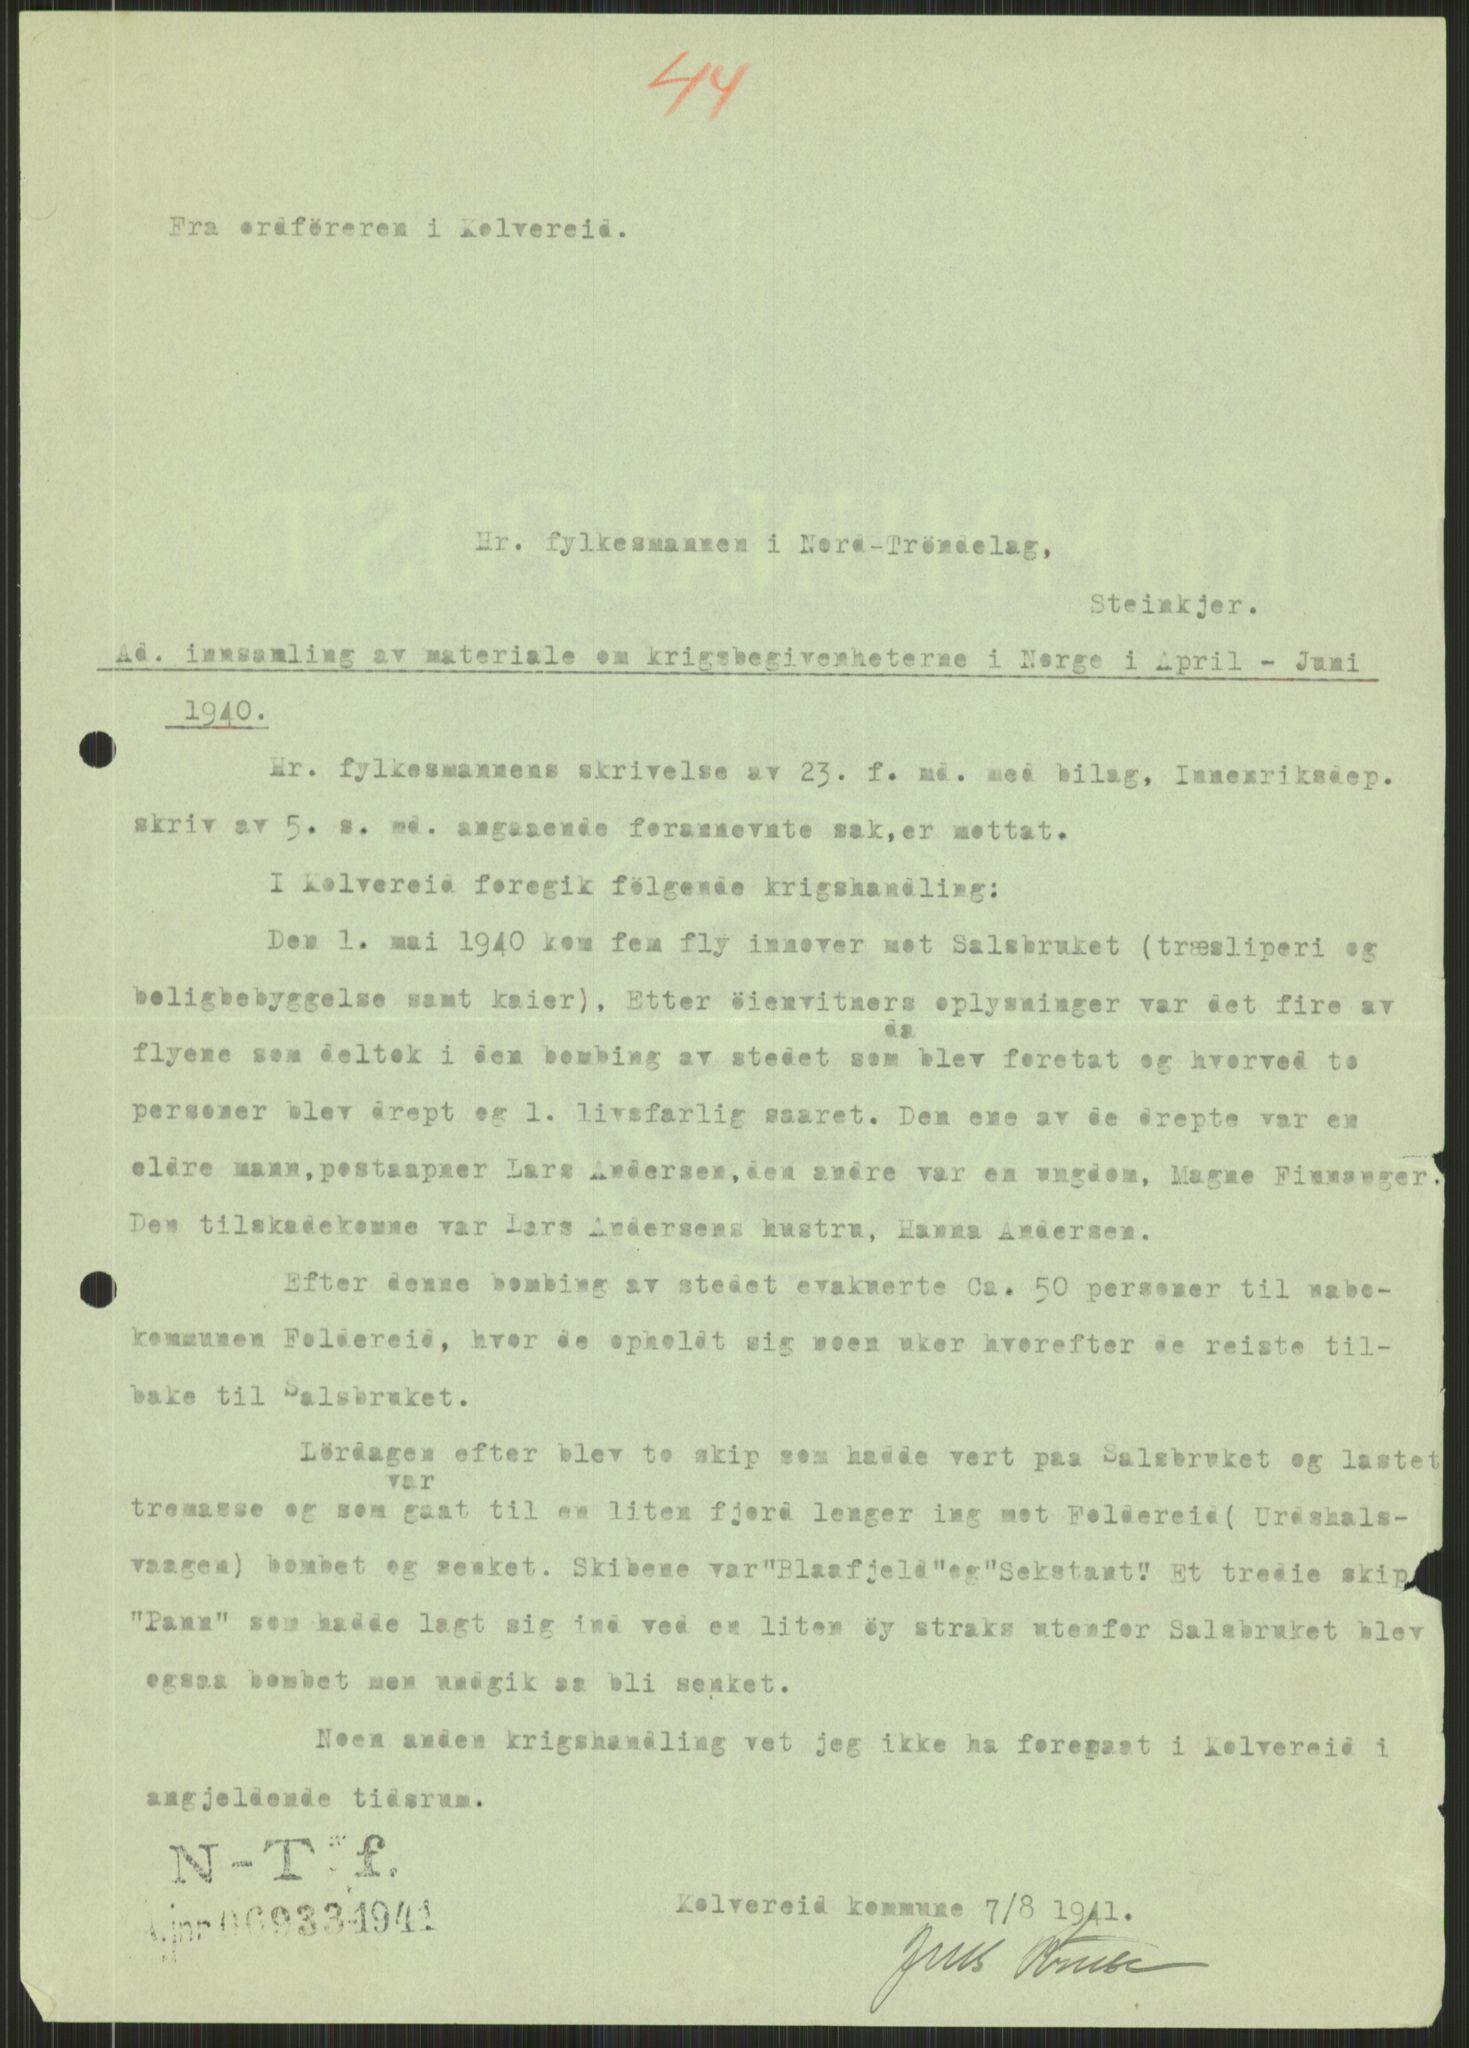 RA, Forsvaret, Forsvarets krigshistoriske avdeling, Y/Ya/L0016: II-C-11-31 - Fylkesmenn.  Rapporter om krigsbegivenhetene 1940., 1940, s. 488